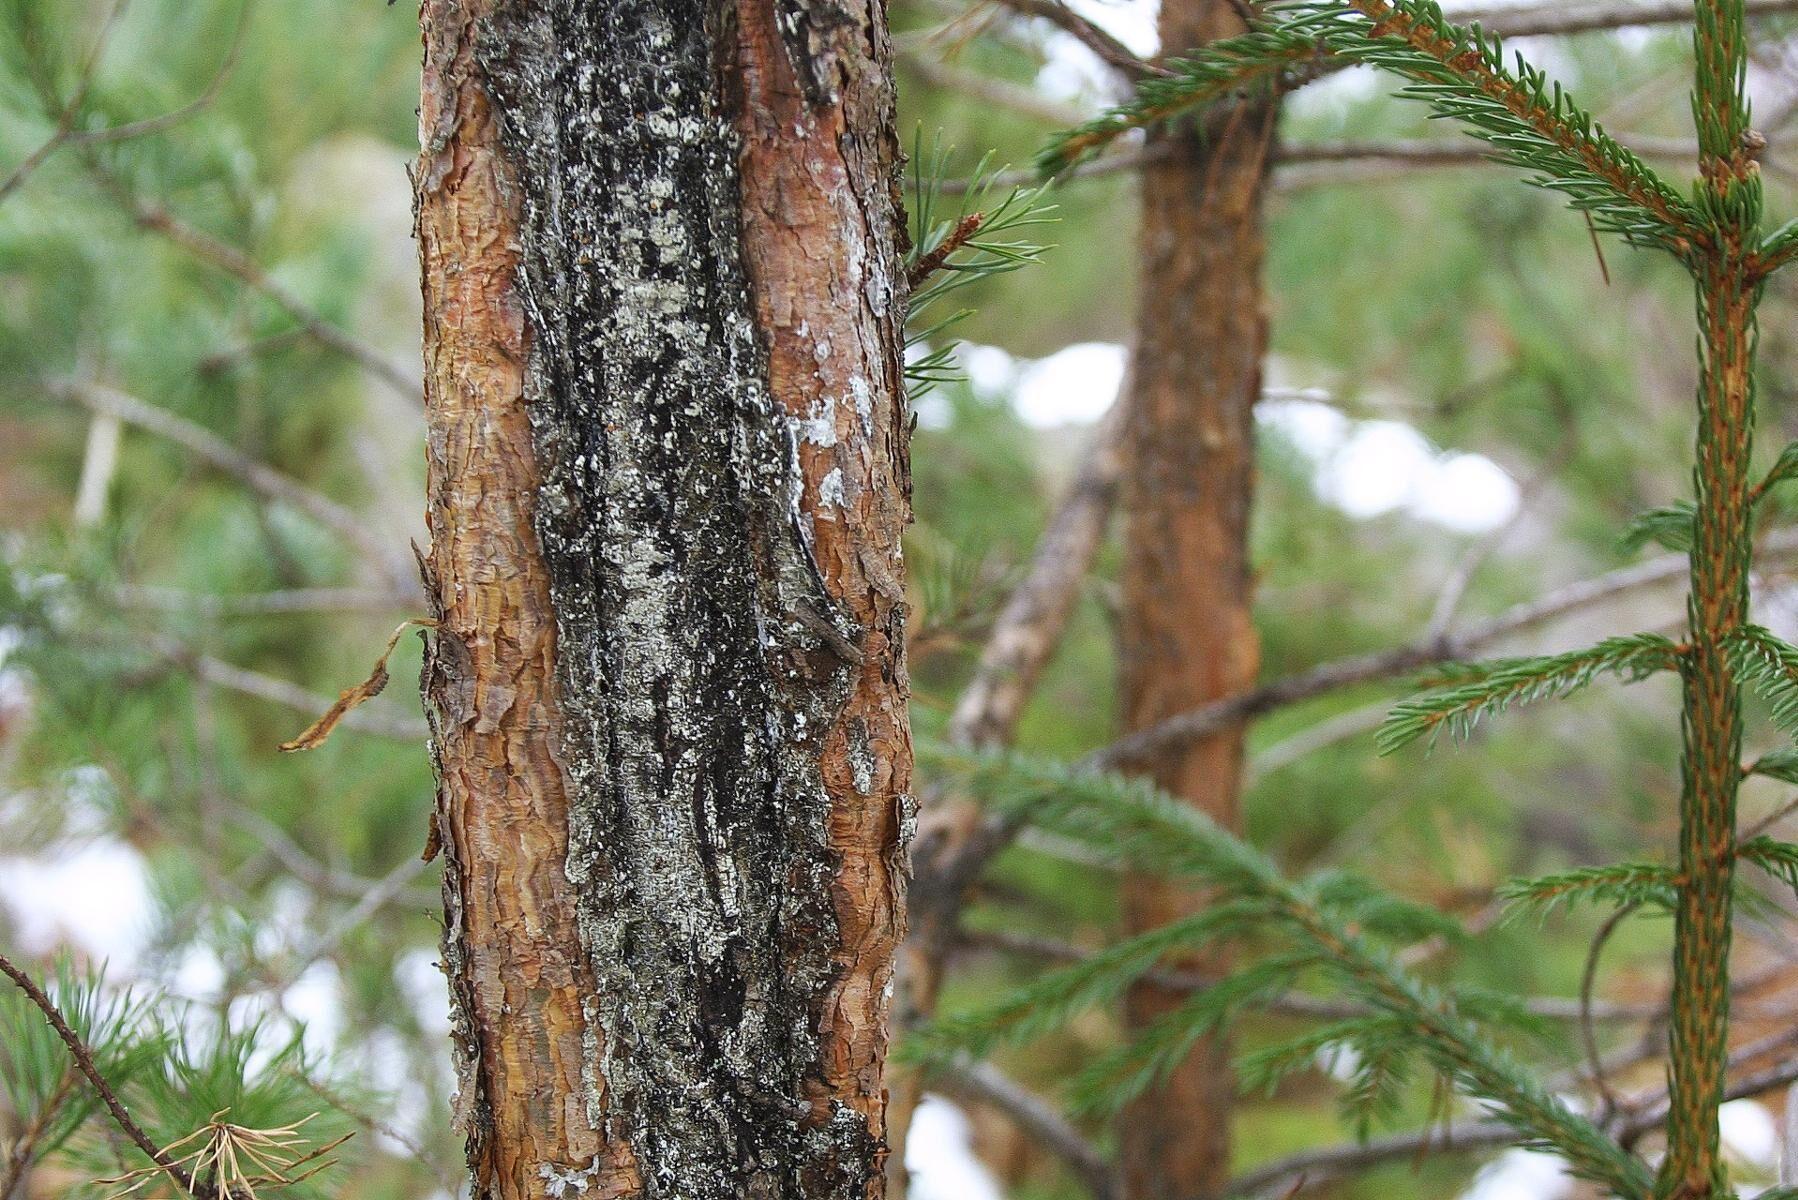 Betesskador över acceptabel nivå kostar skogsägarna 1,4 miljarder kronor per, enligt en ny rapport.